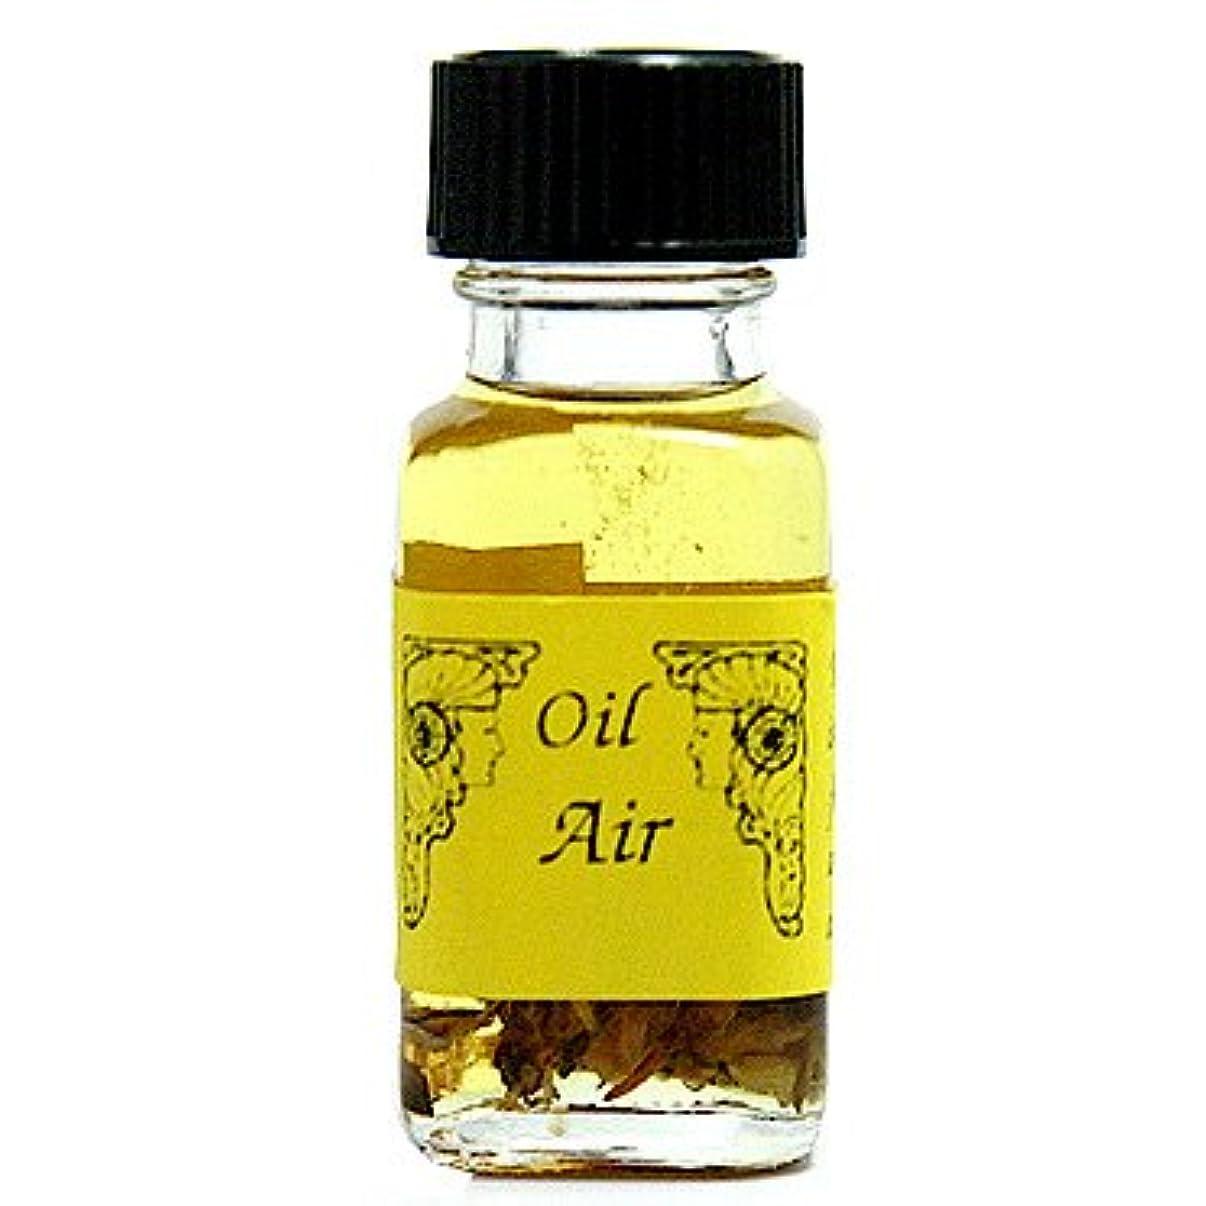 失望状態マリンアンシェントメモリーオイル エアー (風) 15ml (Ancient Memory Oils)